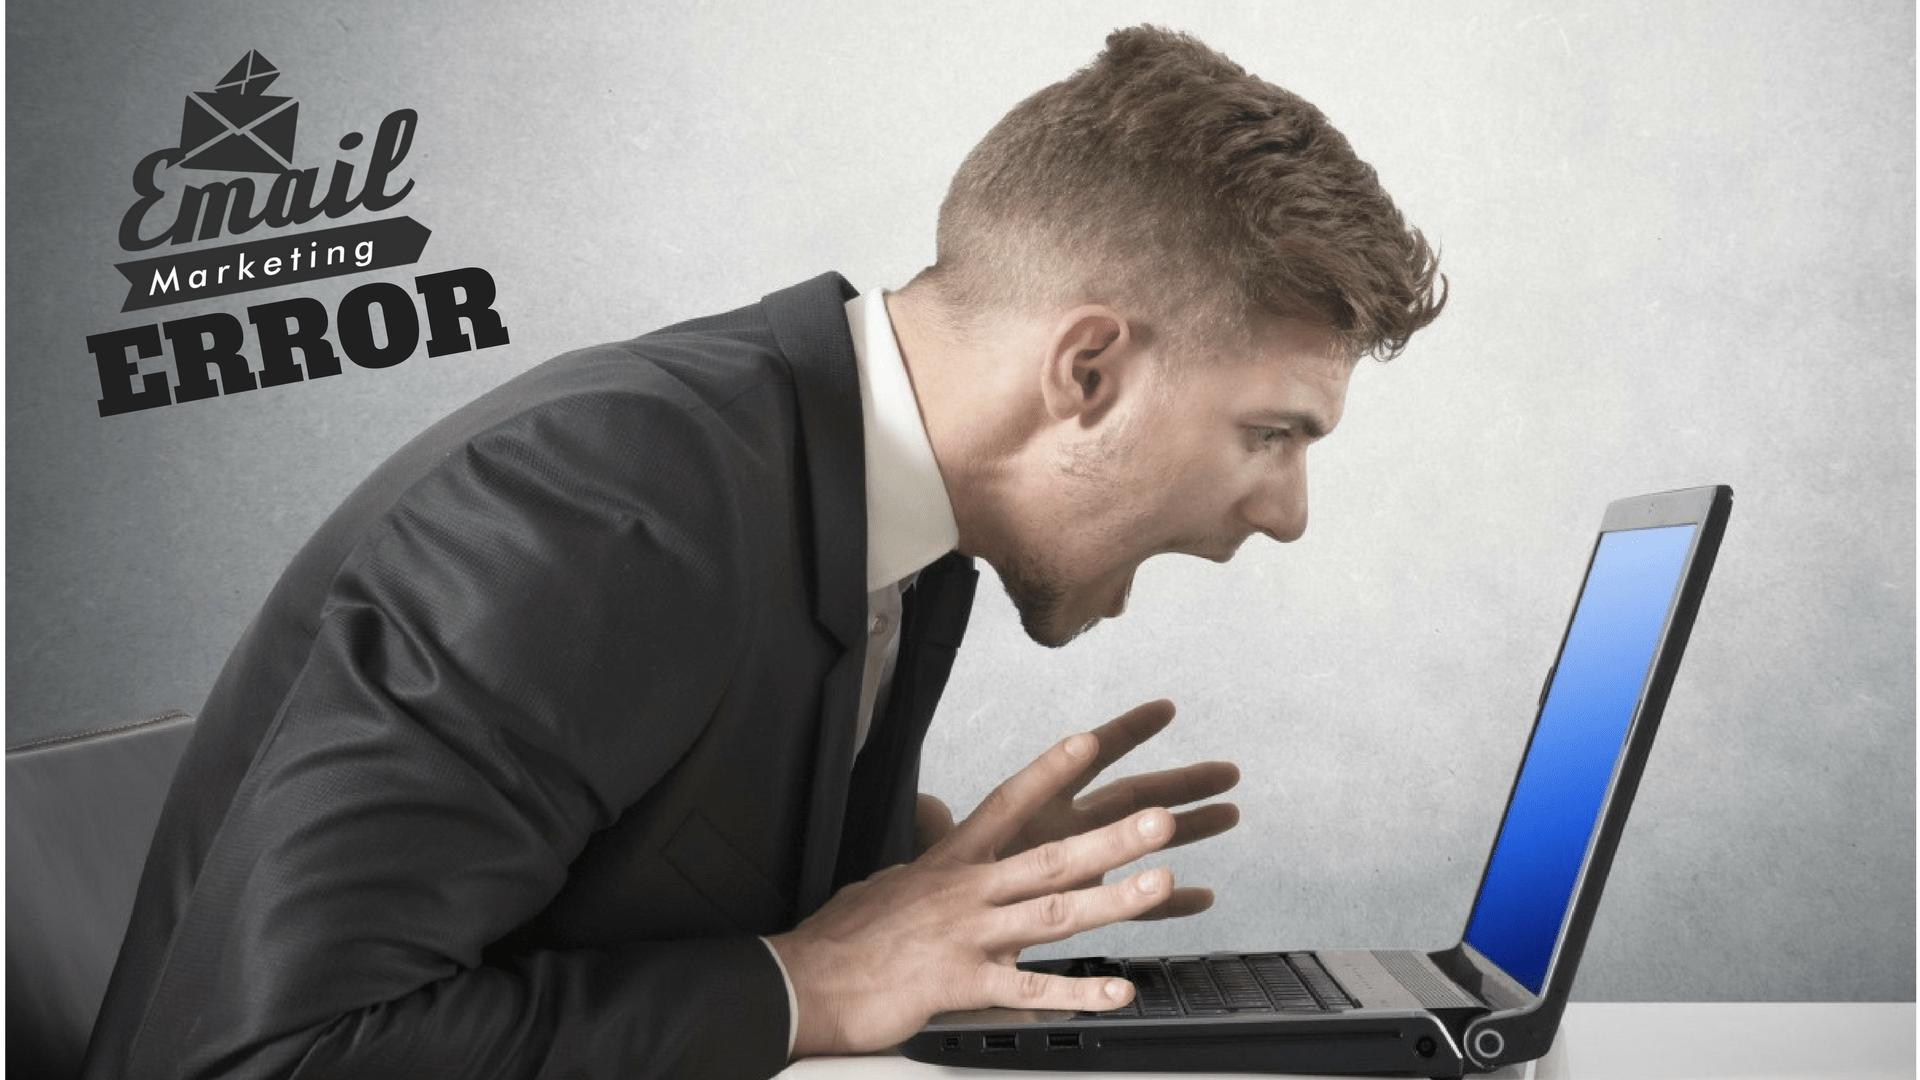 PRINCIPAIS ERROS DO E-MAIL MARKETING